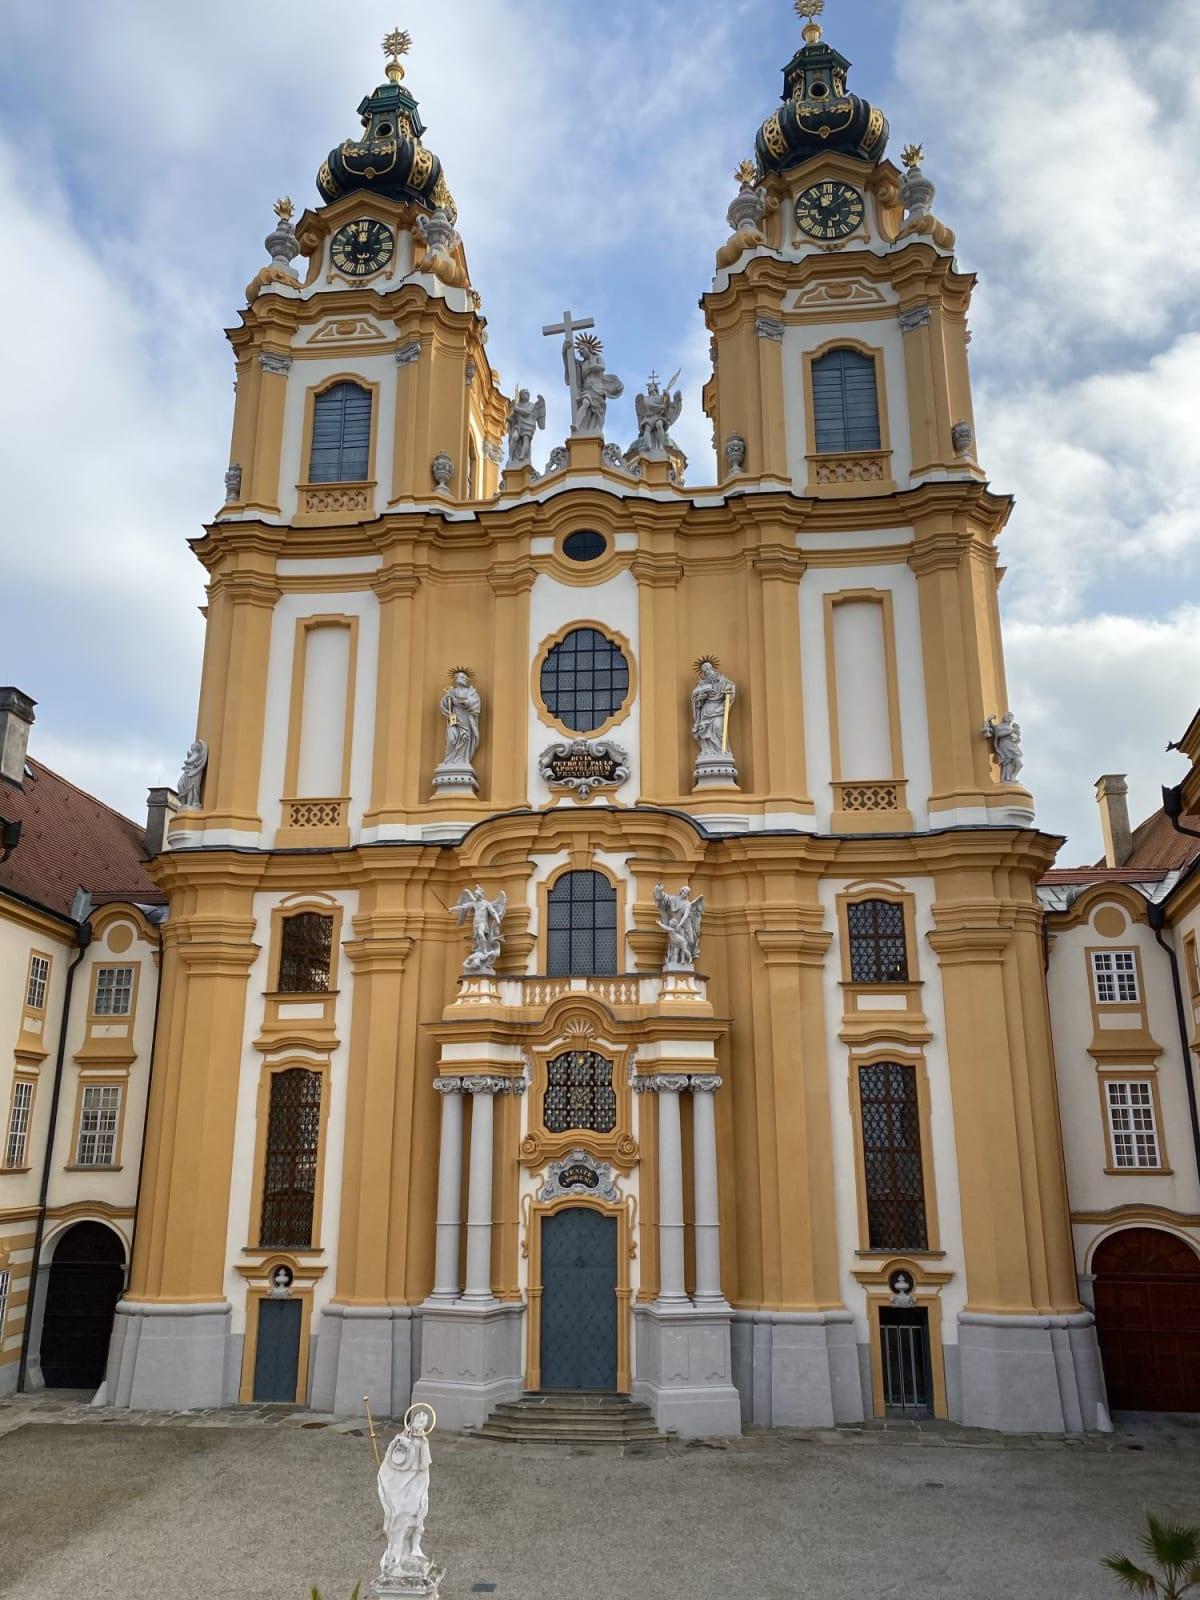 メルク修道院の教会のミサはいつまでも心に深く残る一場面である。 | エンマースドルフ・アン・デア・ドナウ